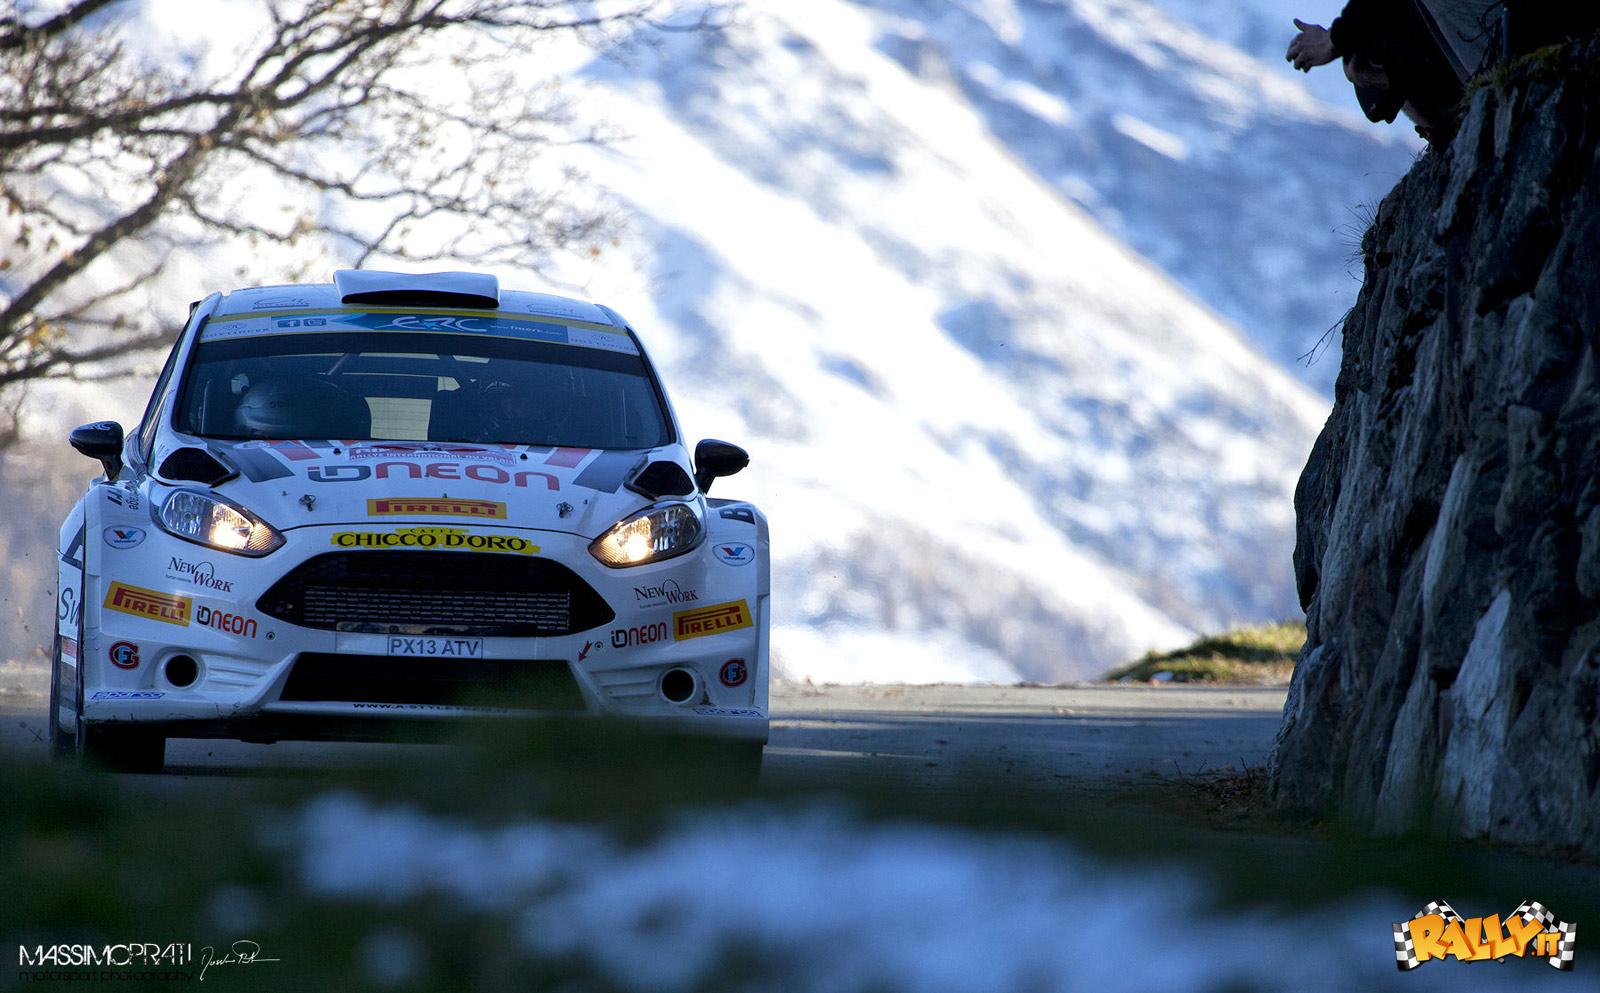 070-Rally-du-Valais-2014.jpg